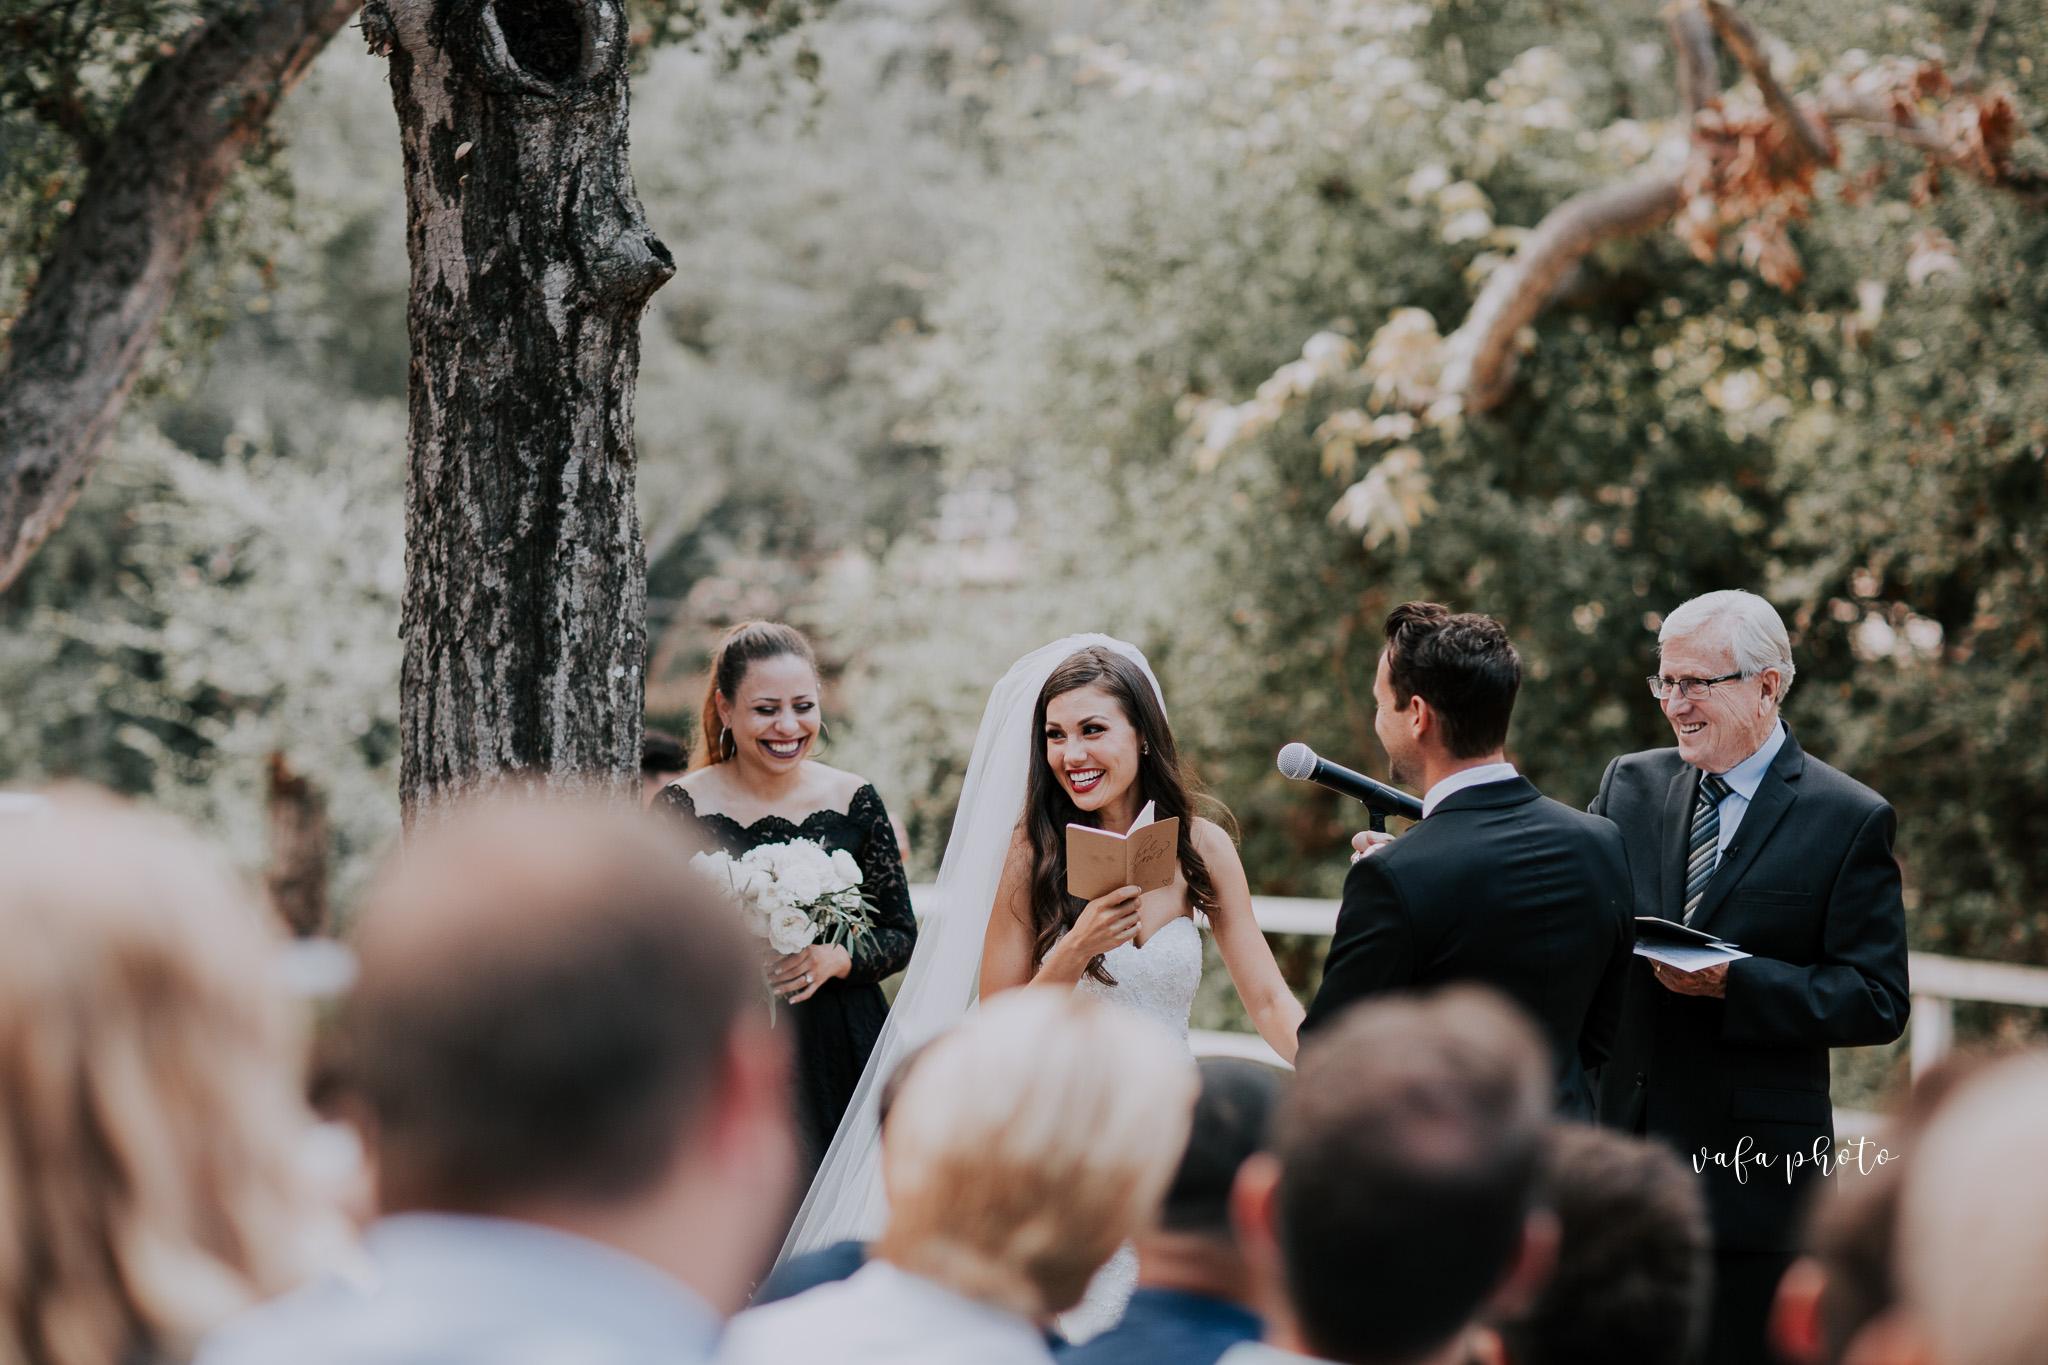 Southern-California-Wedding-Britt-Nilsson-Jeremy-Byrne-Vafa-Photo-463.jpg